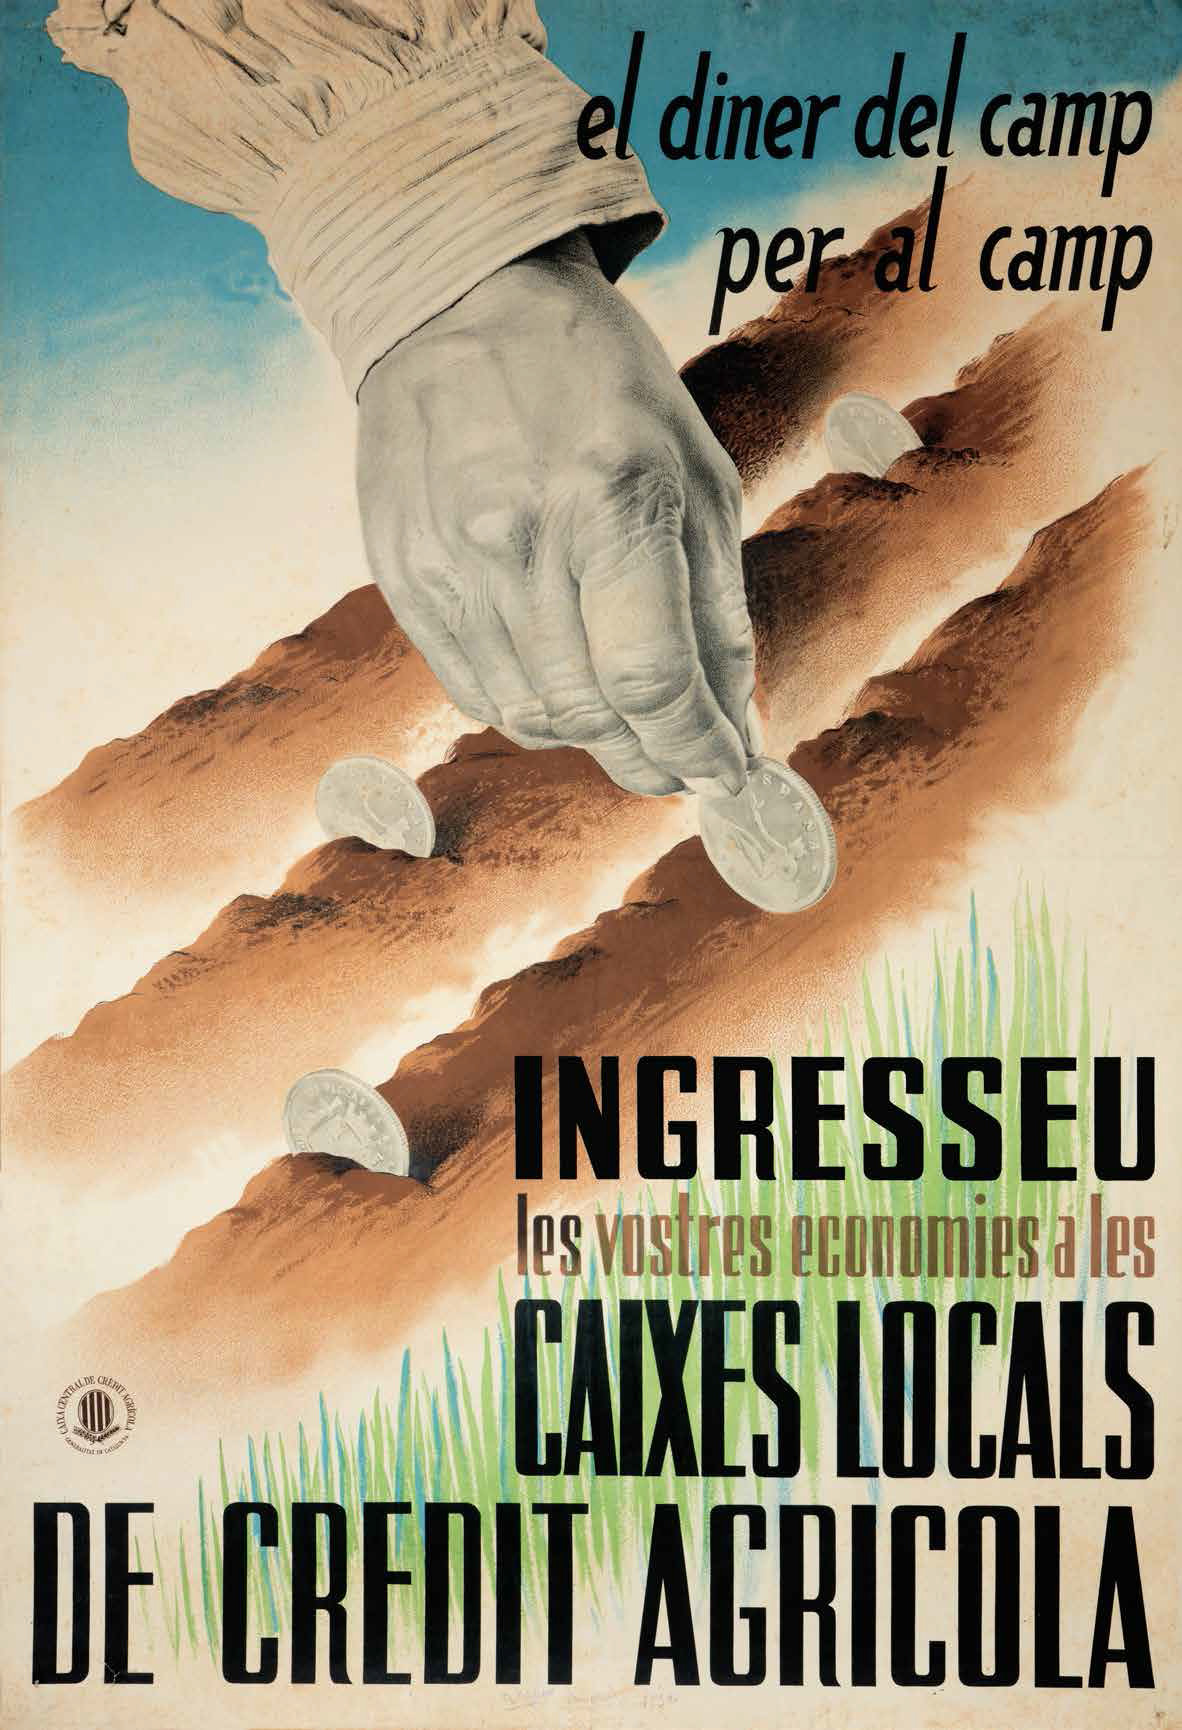 Les Caixes Locals de Crèdit Agrícola